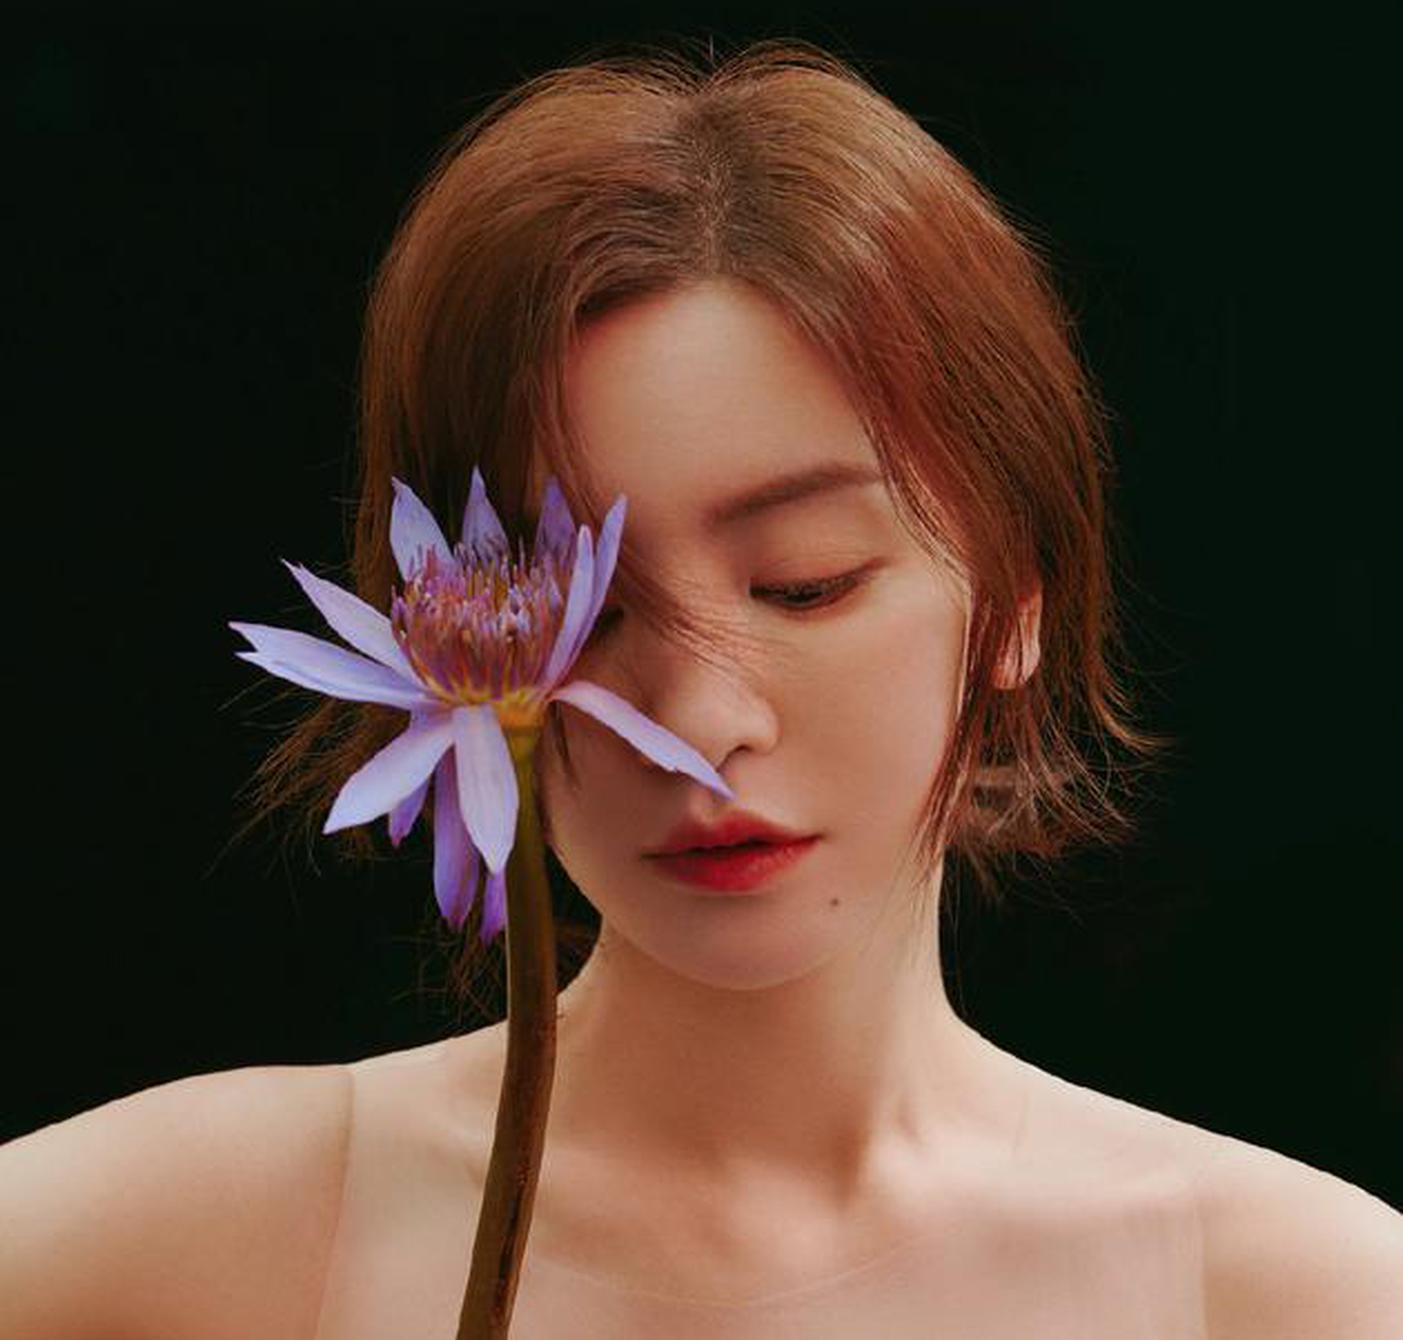 李晟在线打假 发文否认出演《传闻中的陈芊芊2》